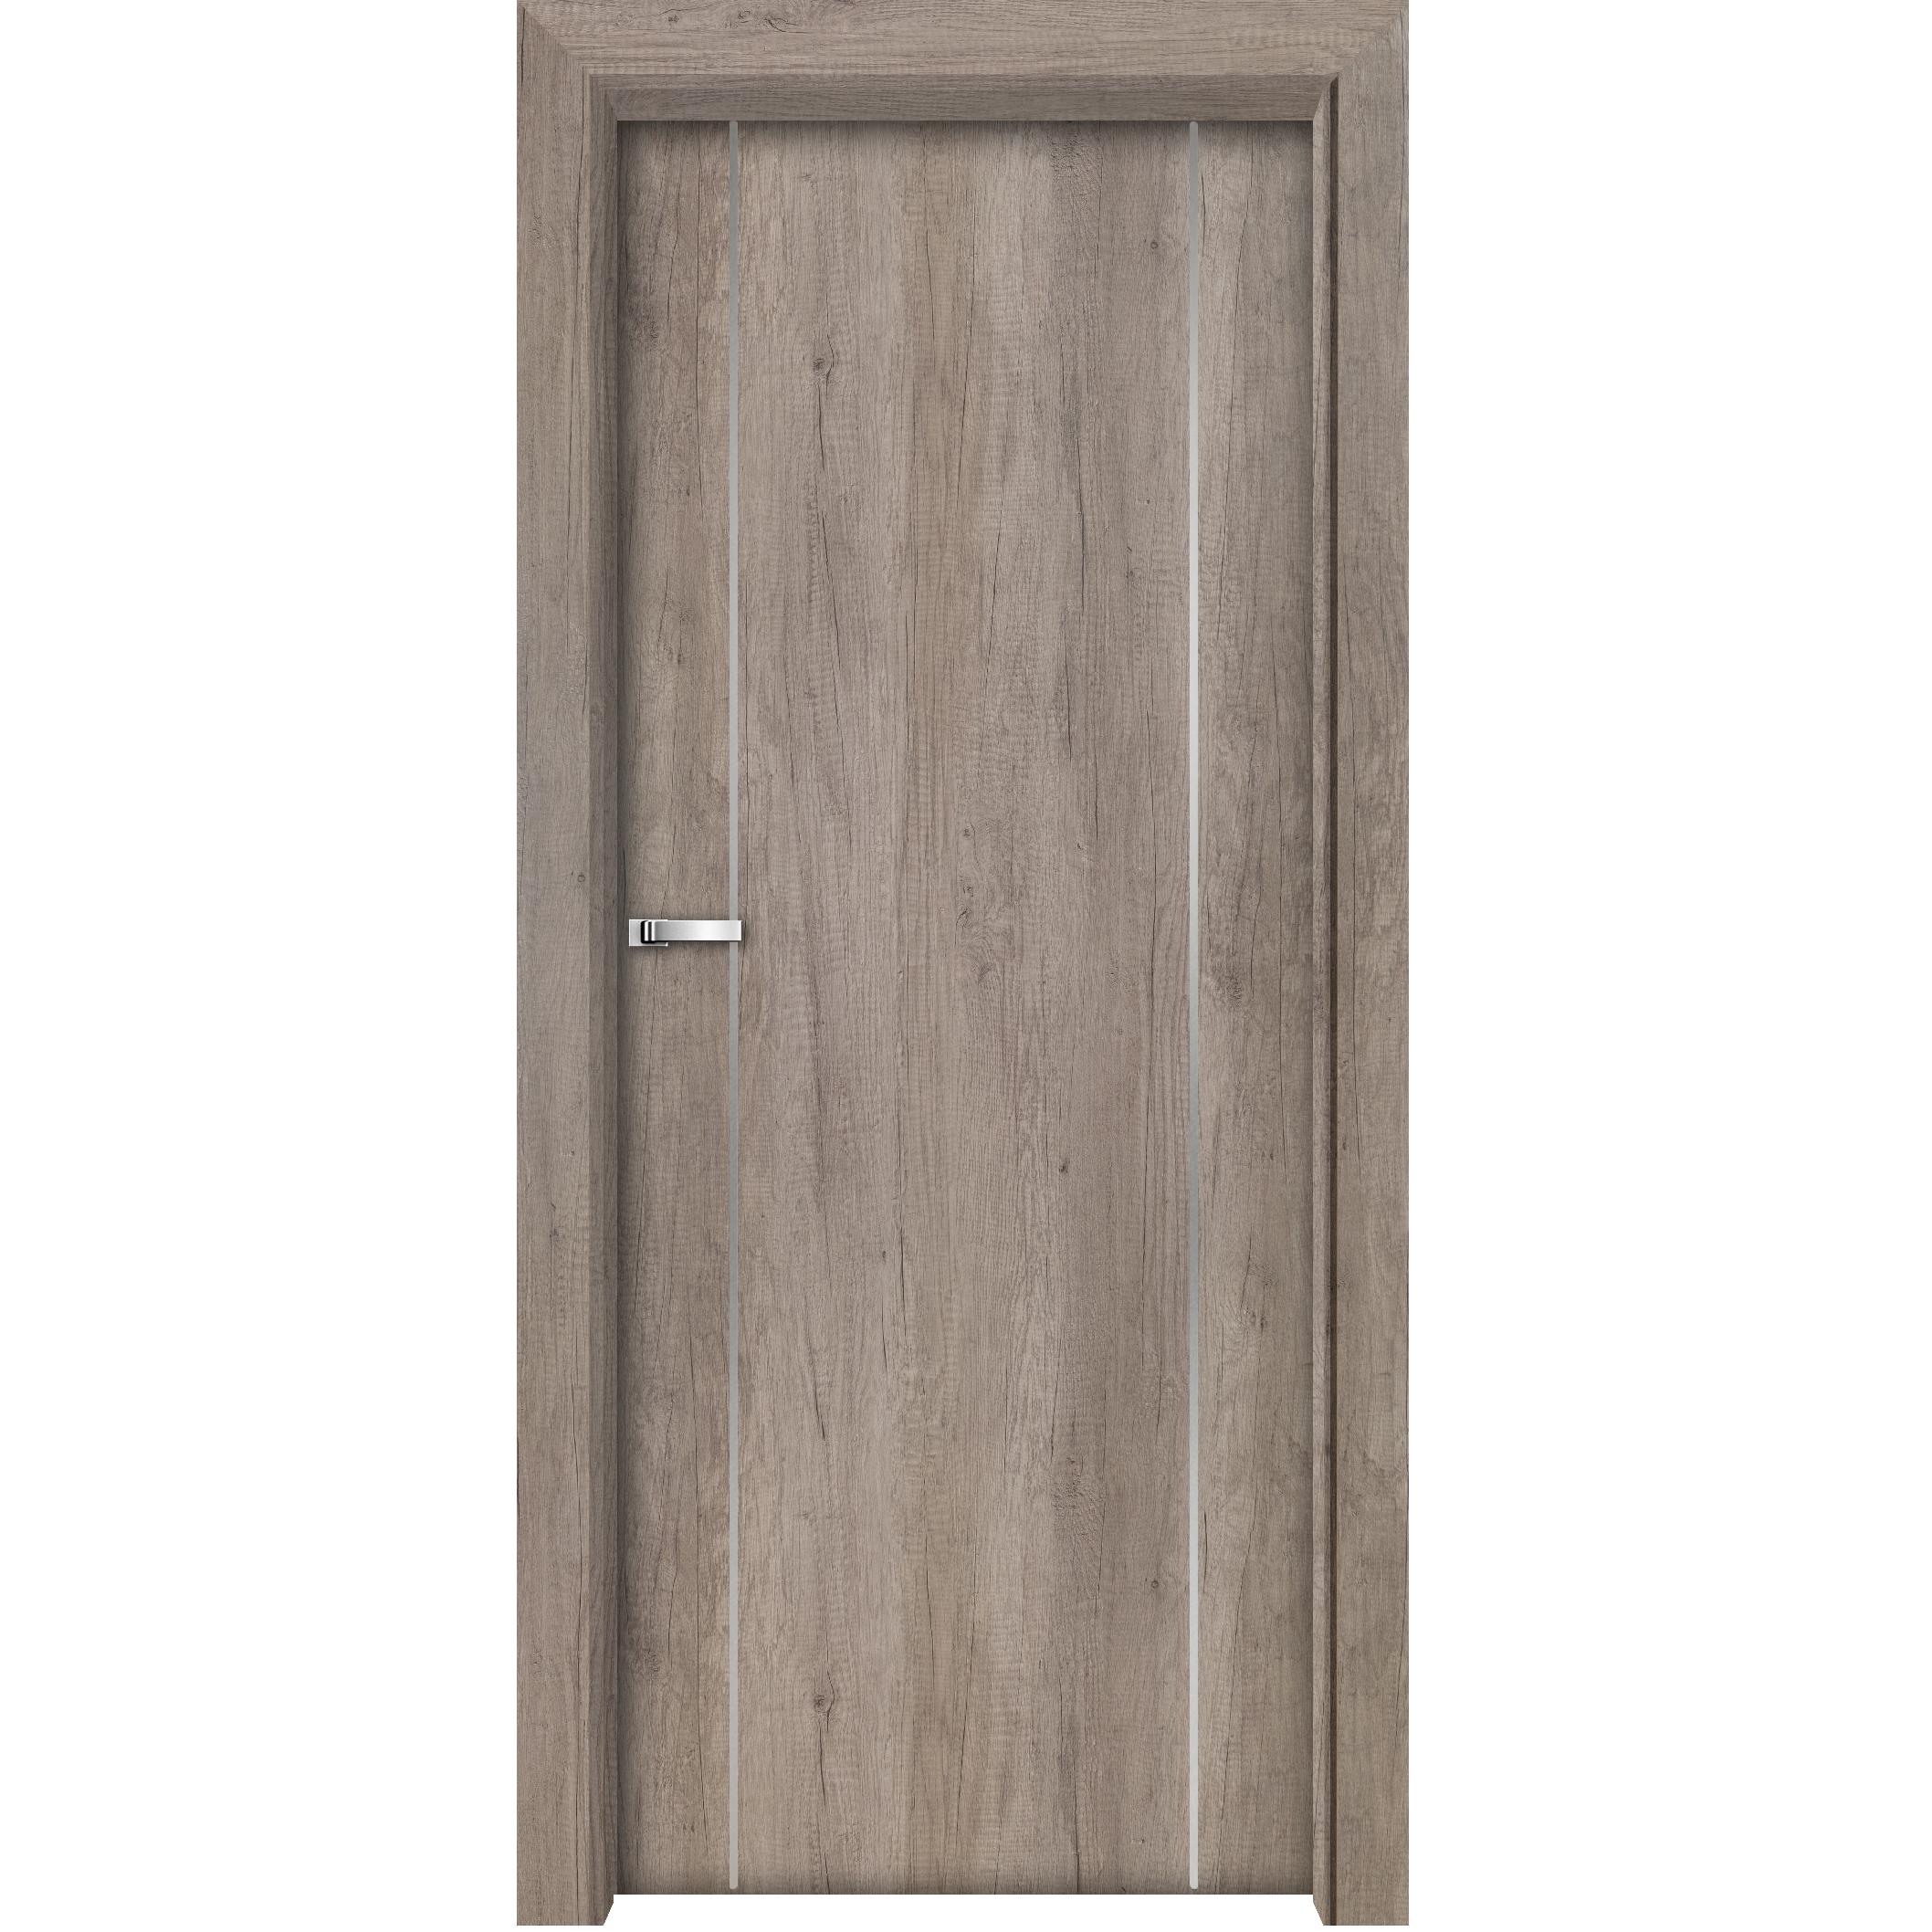 Wooden Interior Door Alba Interdoor